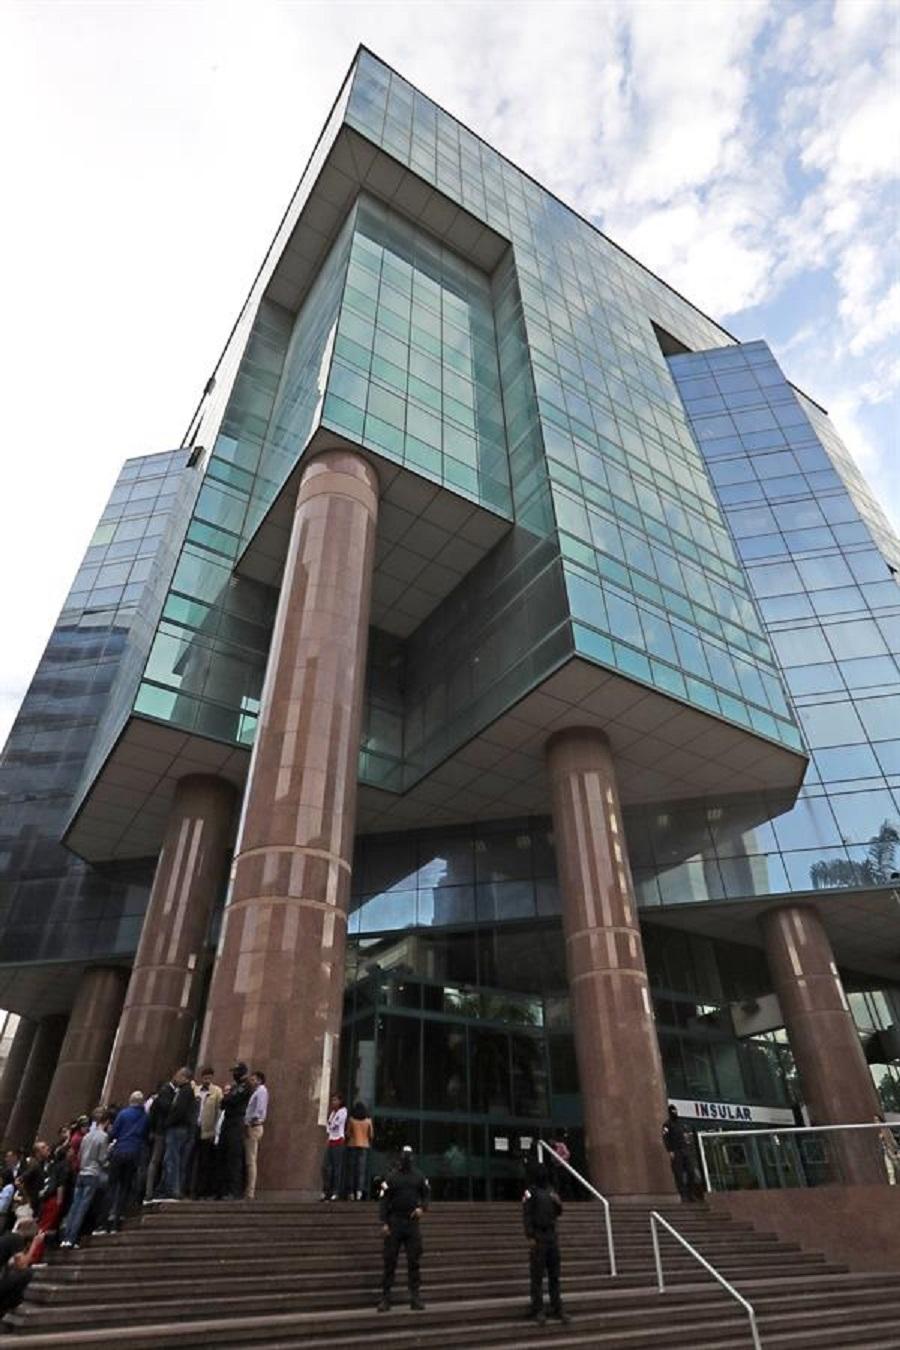 FAES y el SEBIN allanan oficina de Juan Guaidó en la Torre Zurich de El Rosal: decomisan varias cajas ( +fotos y videos)